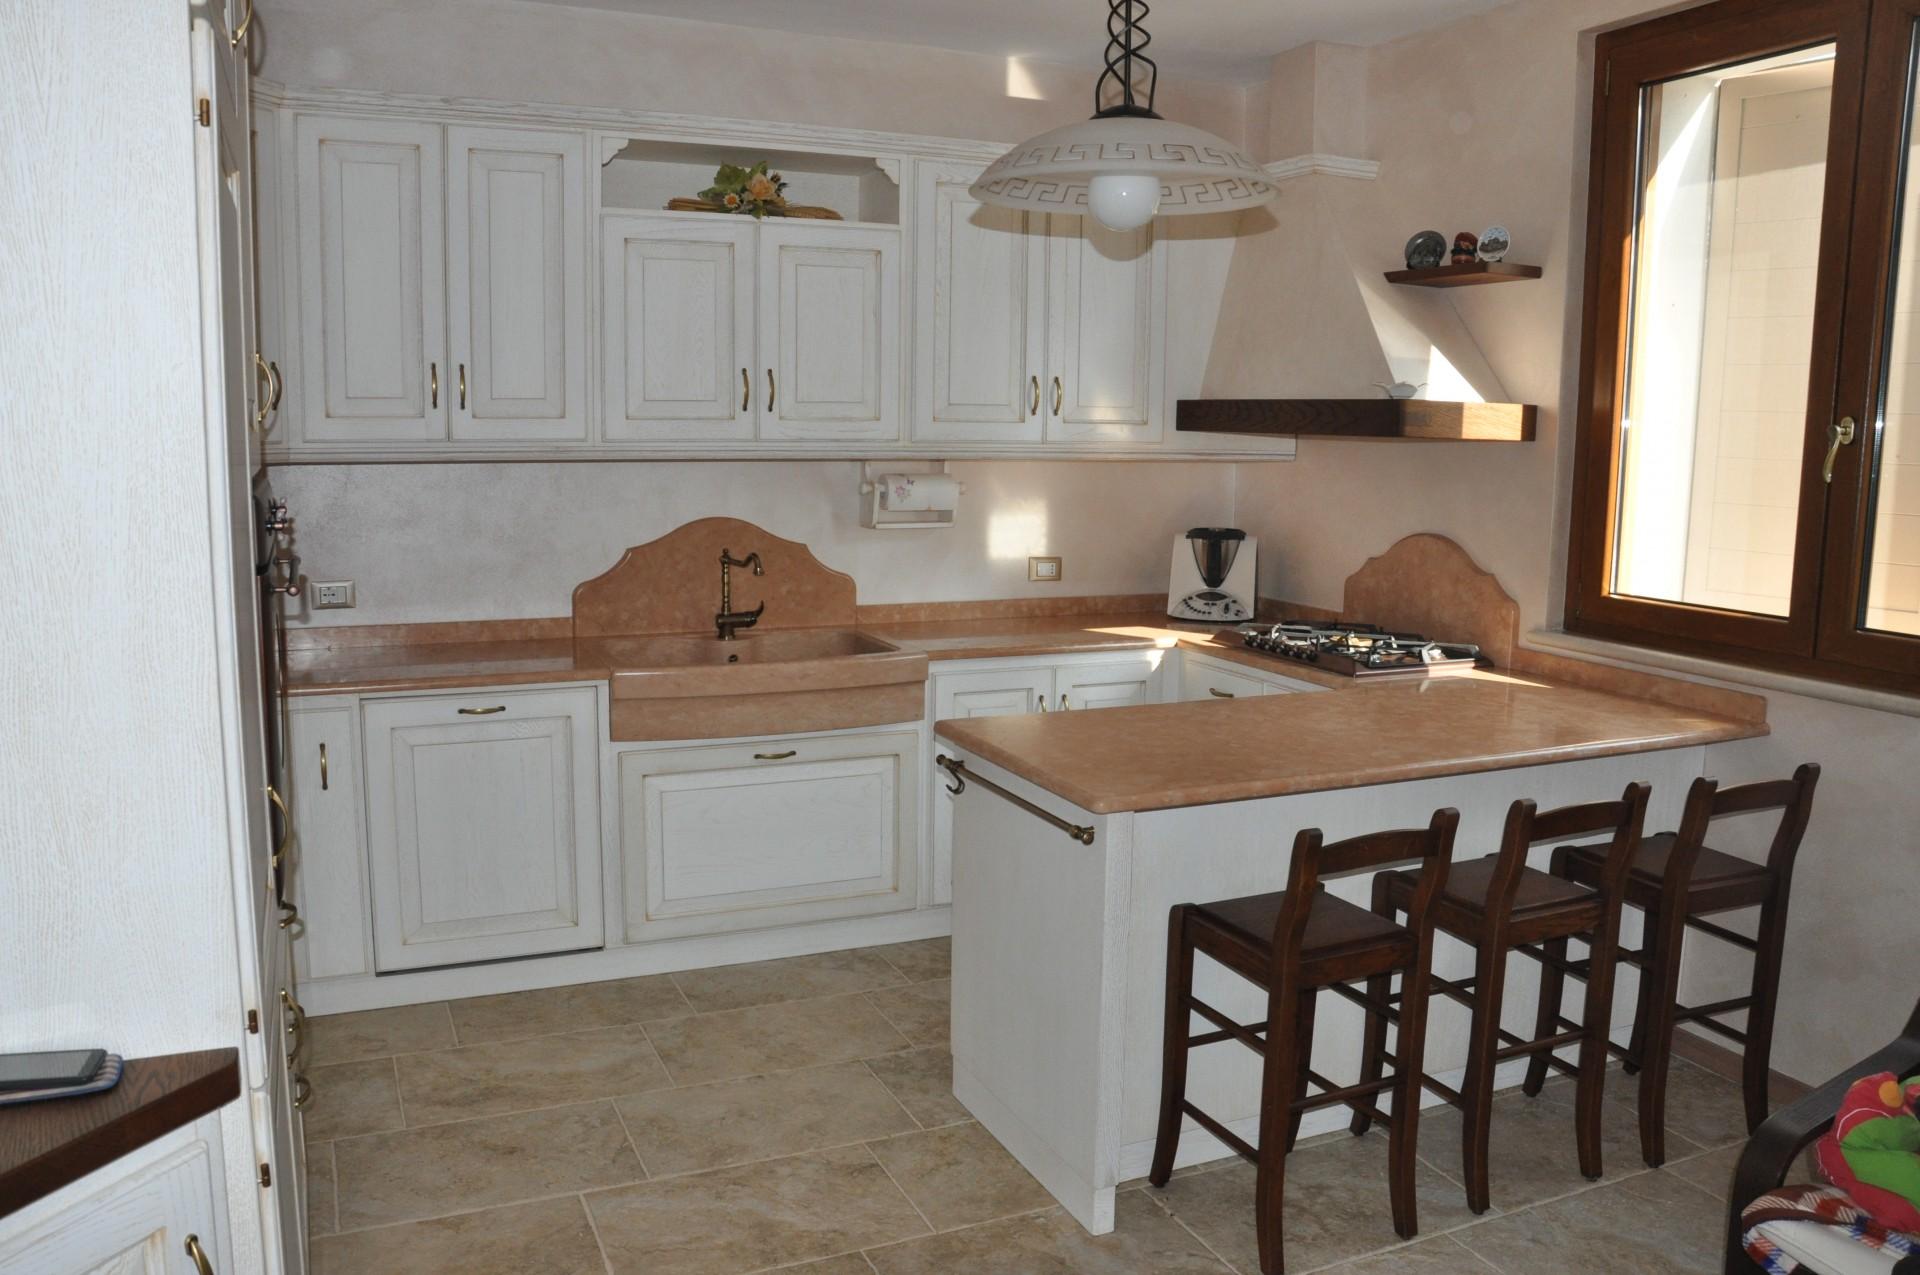 Cucina in legno con penisola fadini mobili cerea verona - Cucina country in muratura ...